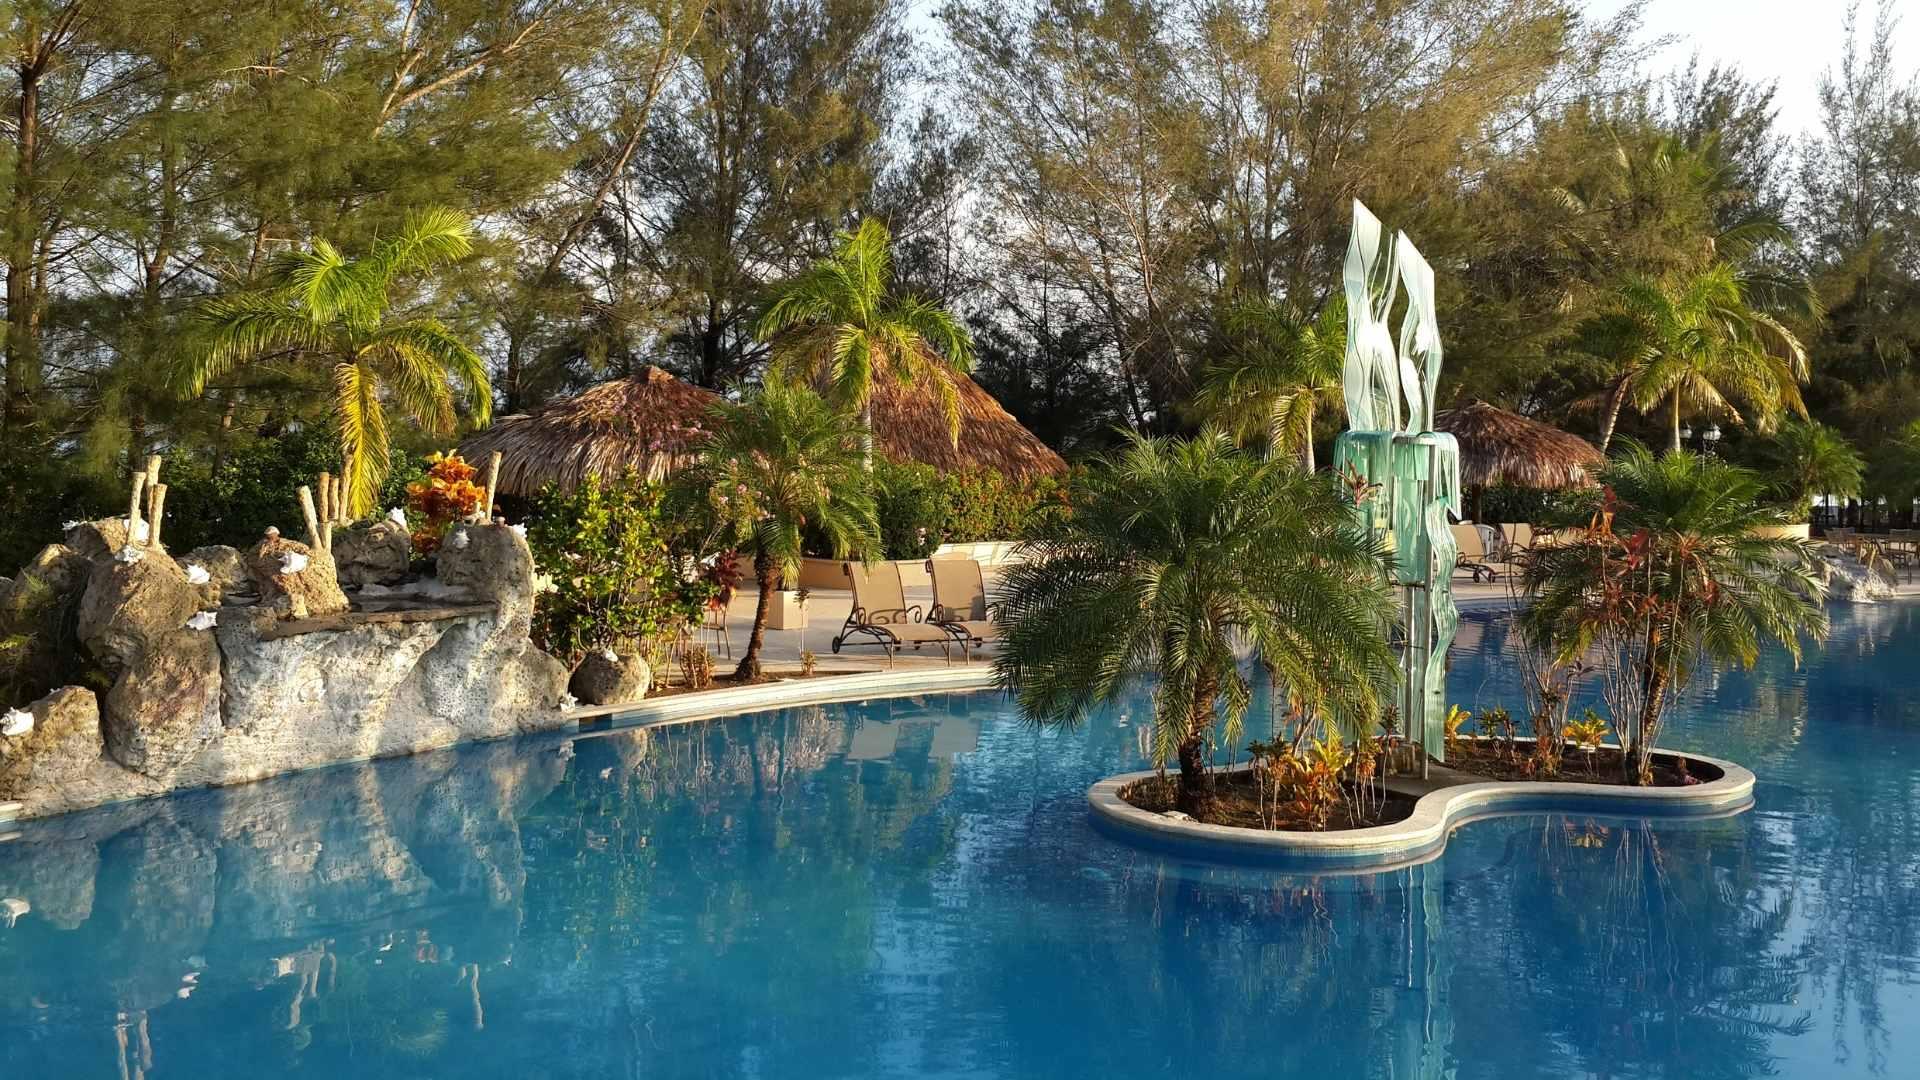 Ensenada Mexico cruise destination